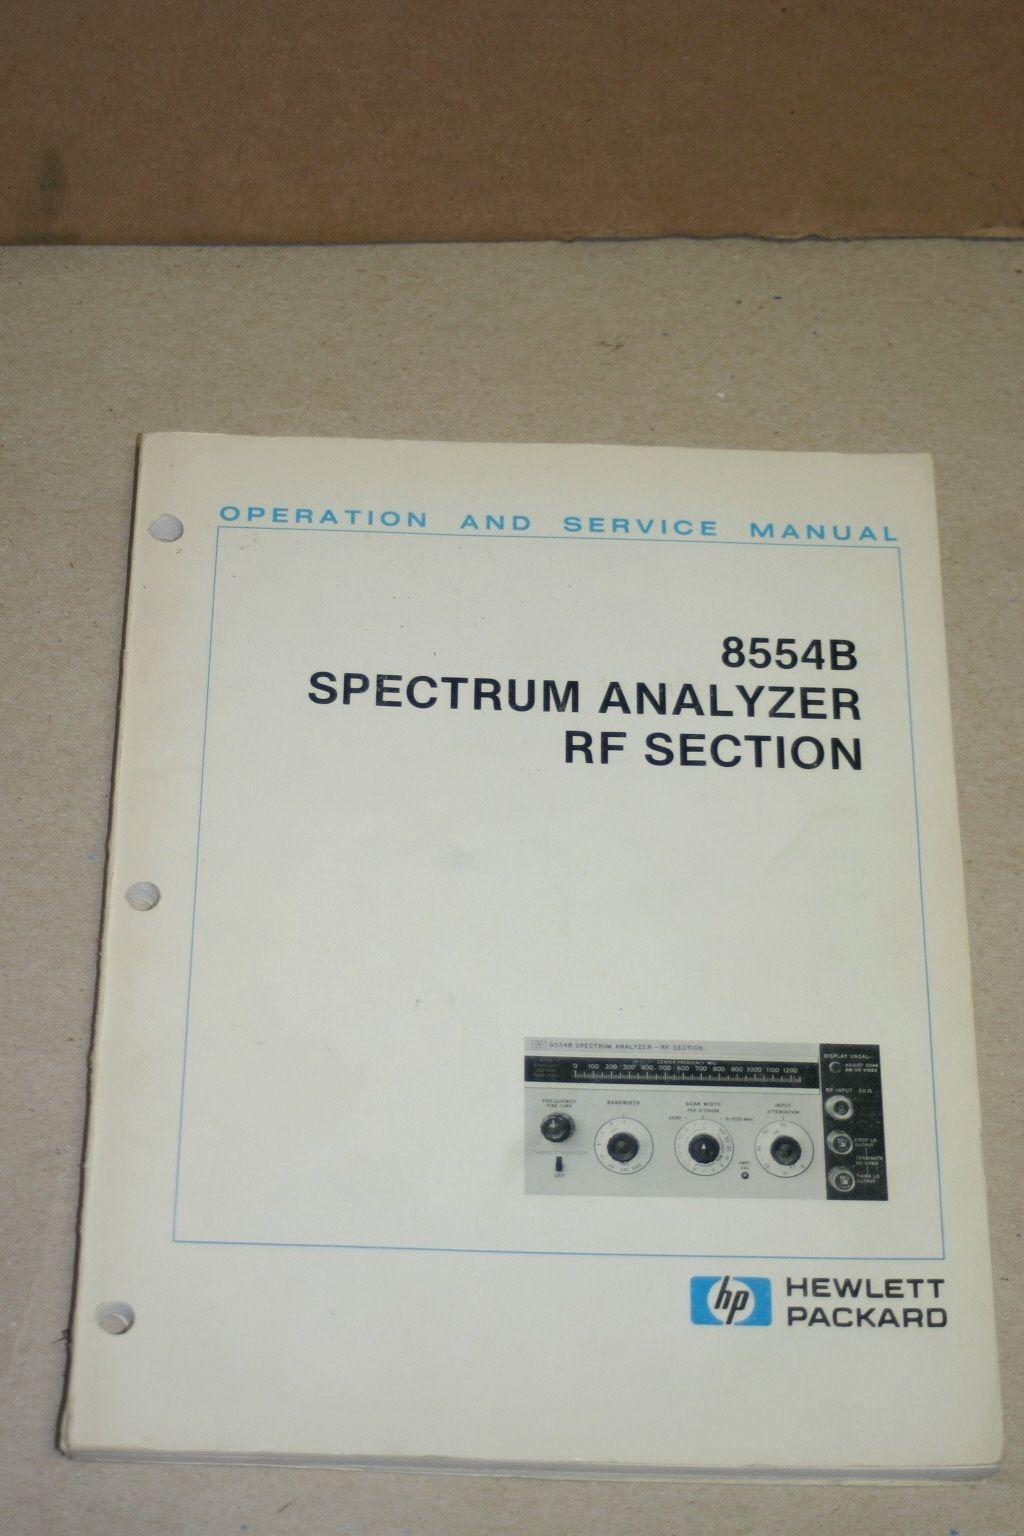 R s spectrum analyzer manual pdf